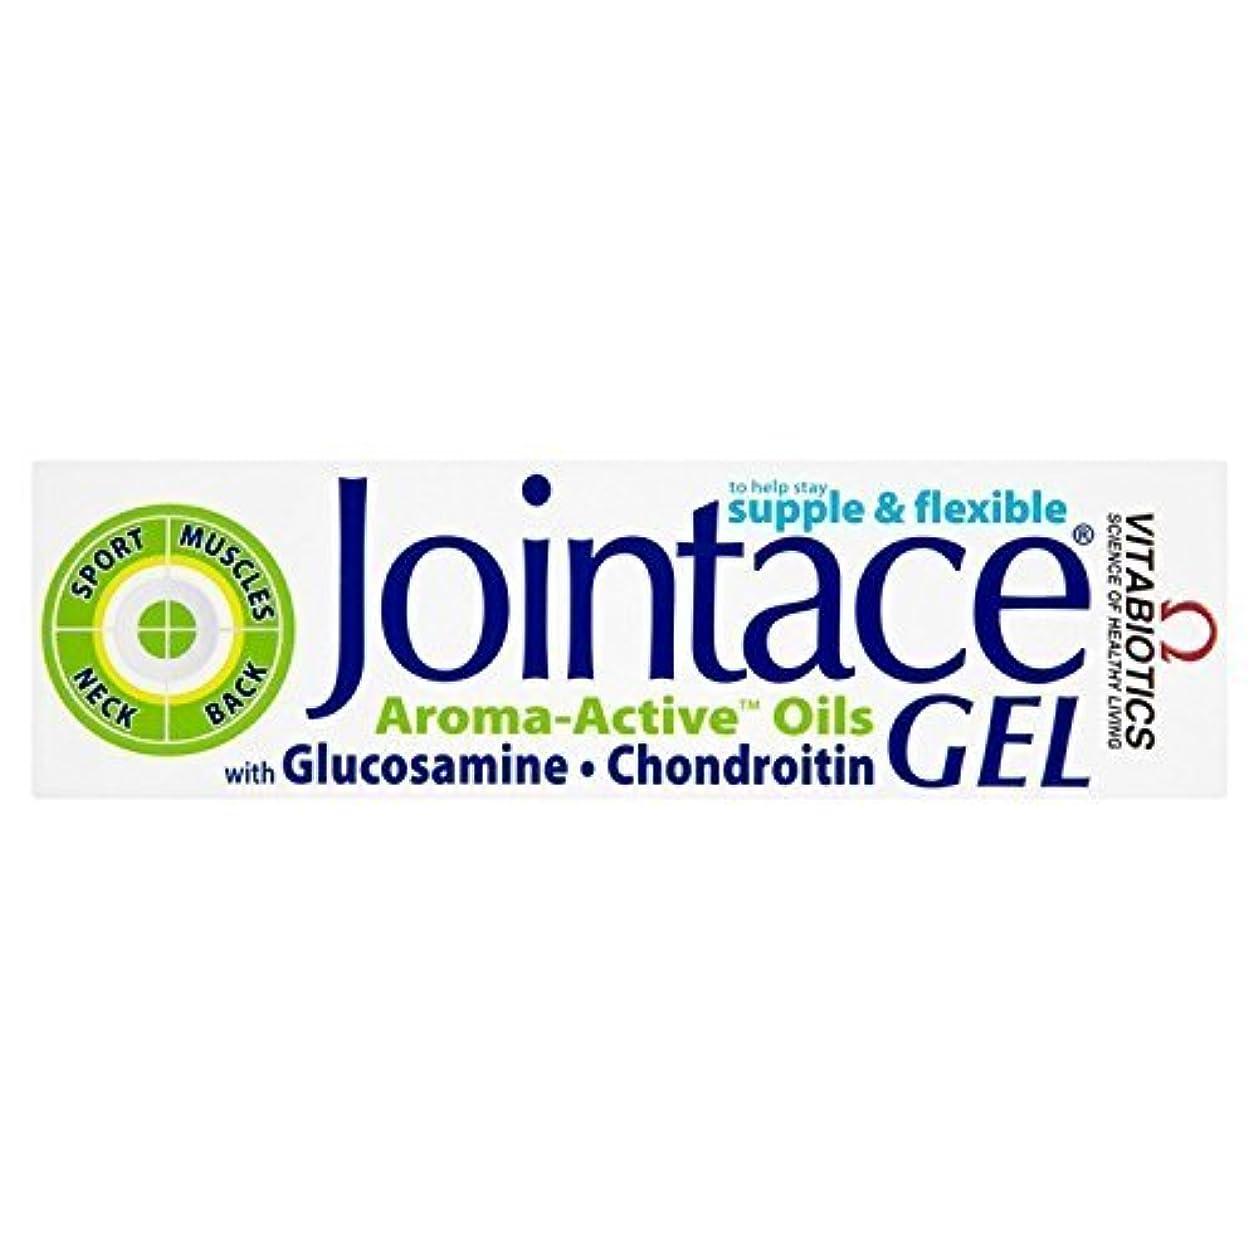 スーパーマーケットどうやら乳白色Vitabiotics Jointace Aromatic Massage Gel - 75ml (To Help stay supple & flexible) by Vitabiotics [並行輸入品]